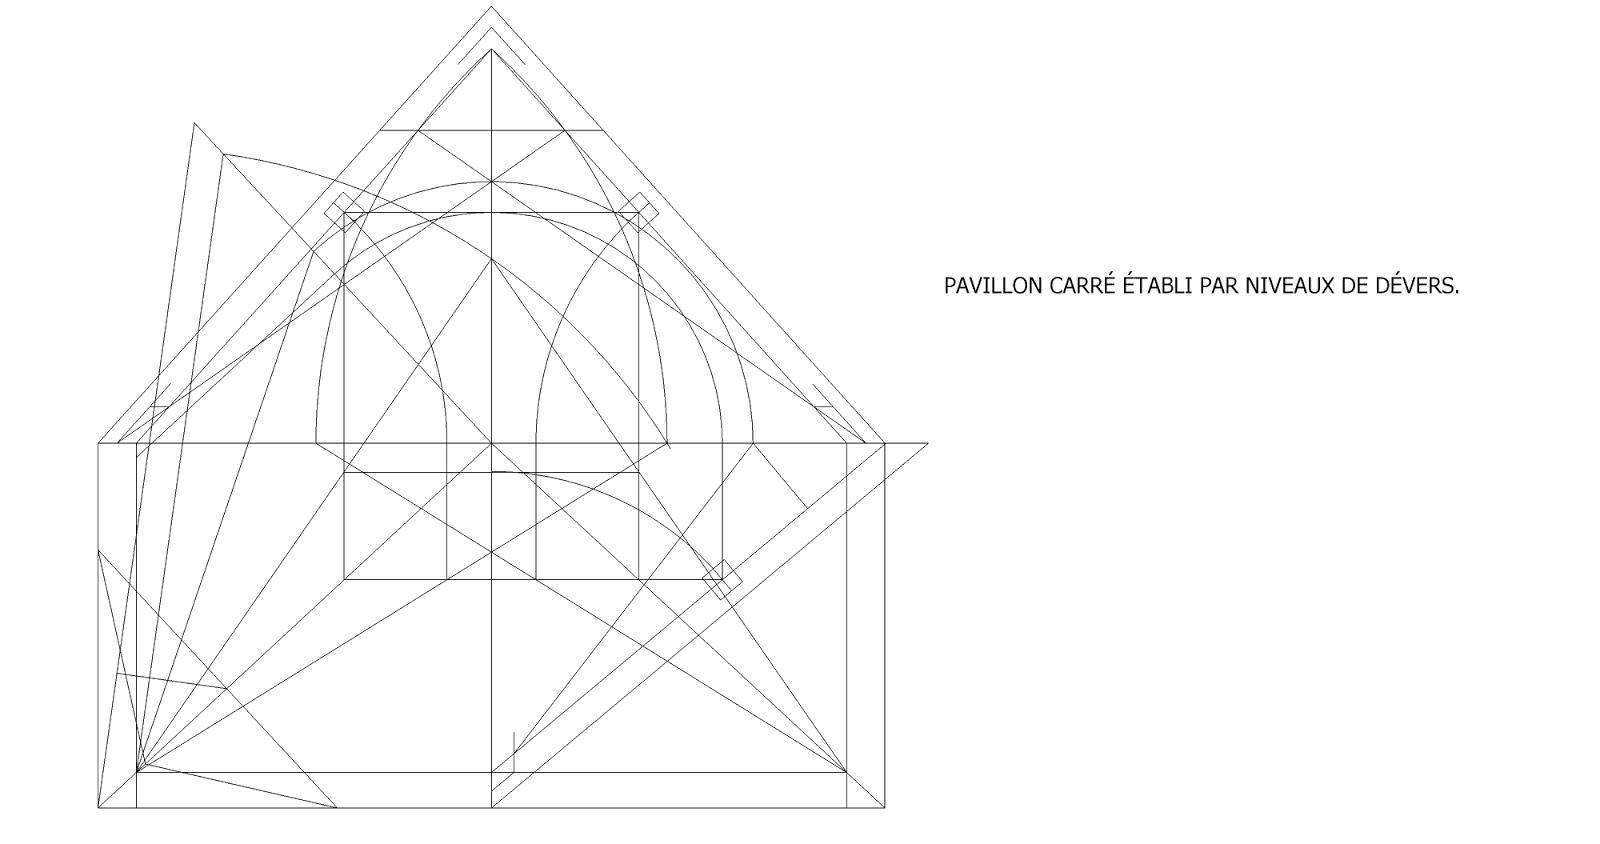 Roof Framing Geometry: PAVILLON CARRÉ ÉTABLI PAR NIVEAUX DE DÉVERS.